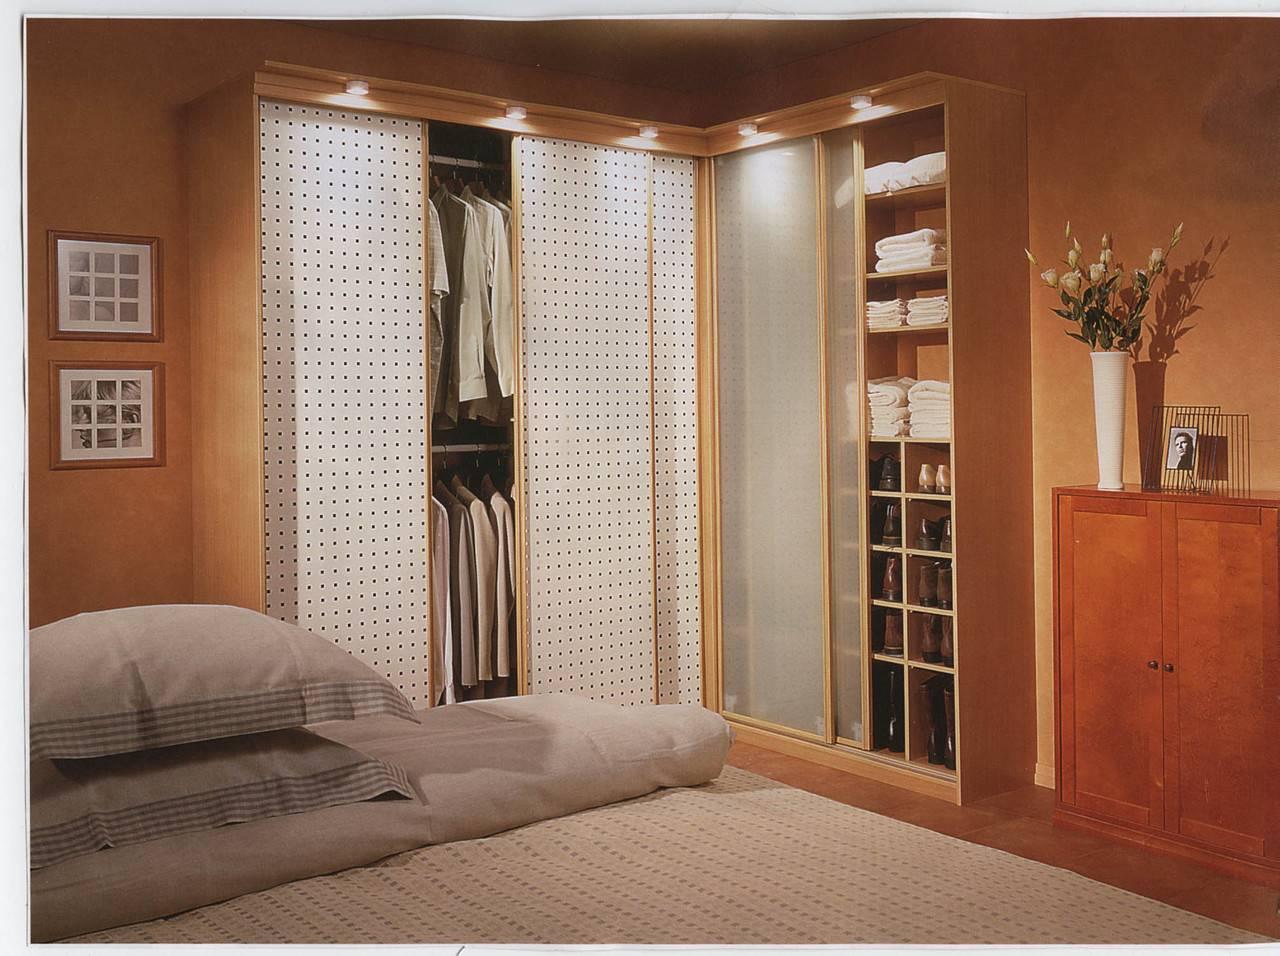 Шкаф-купе в спальню: фото дизайна, соврменные идеи интерьера